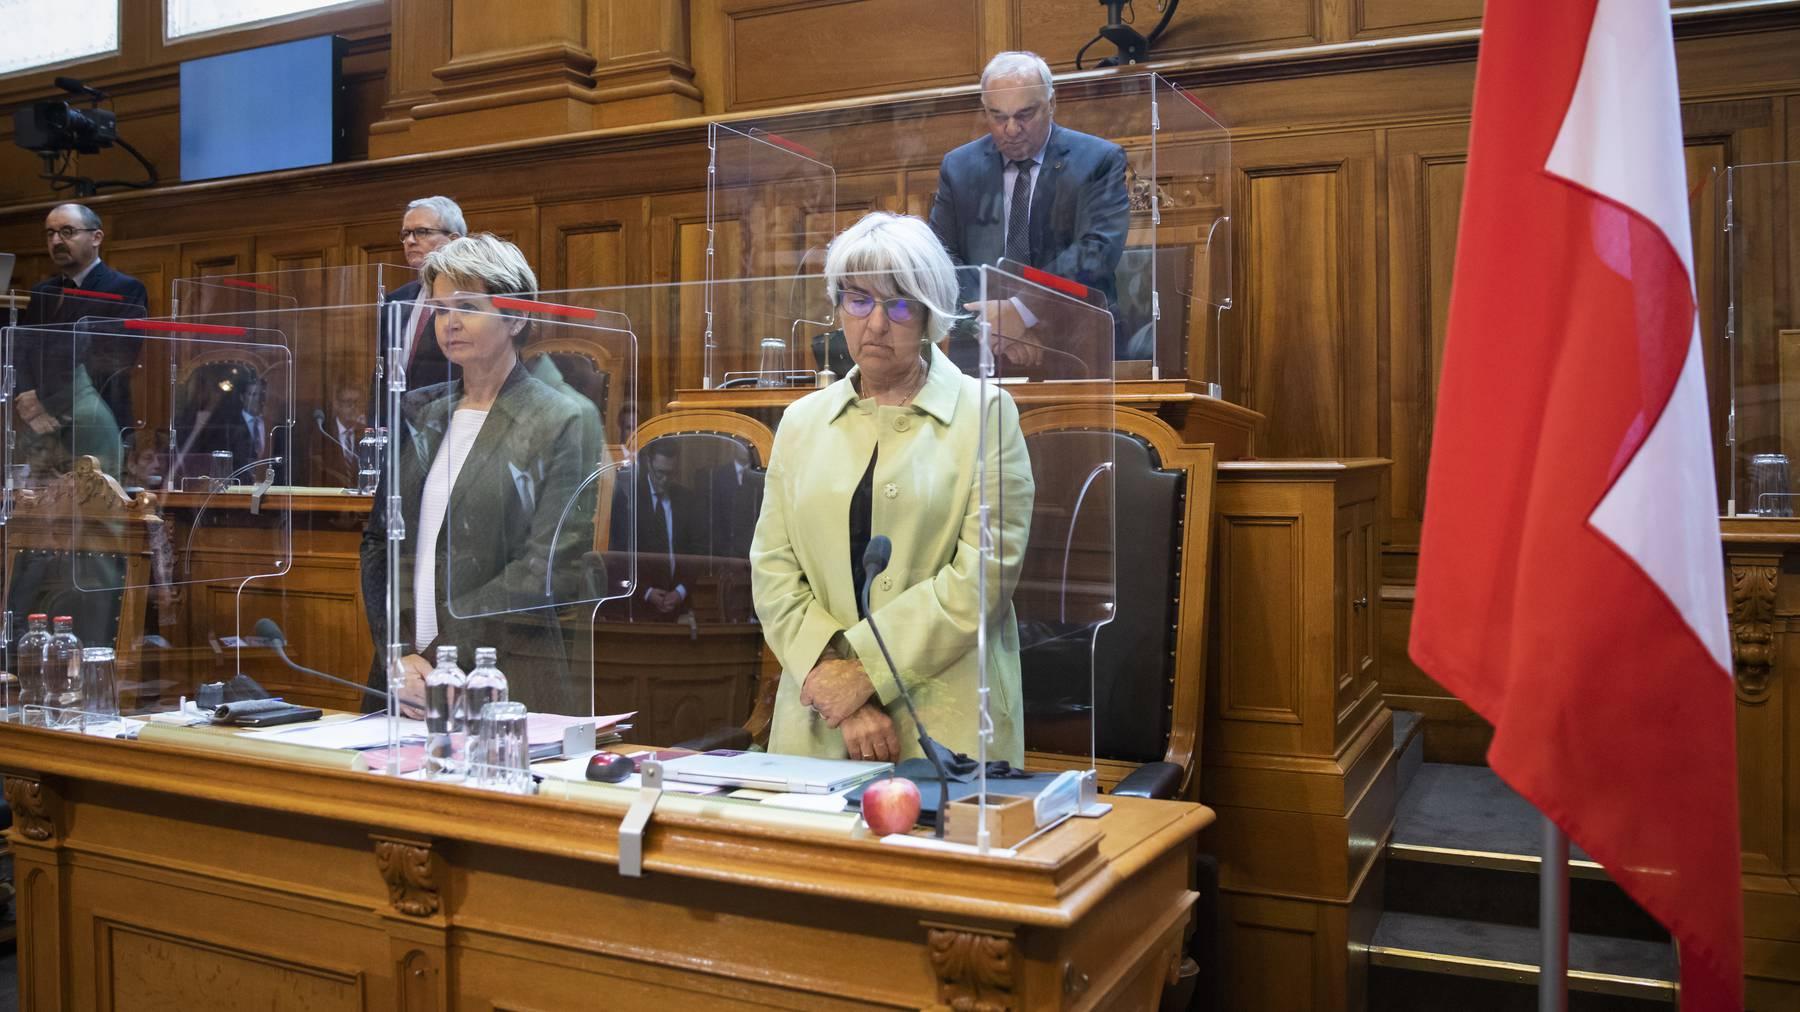 Ständeratspräsident Alex Kuprecht (hinten) hielt im Bundeshaus eine Schweigeminute ab.